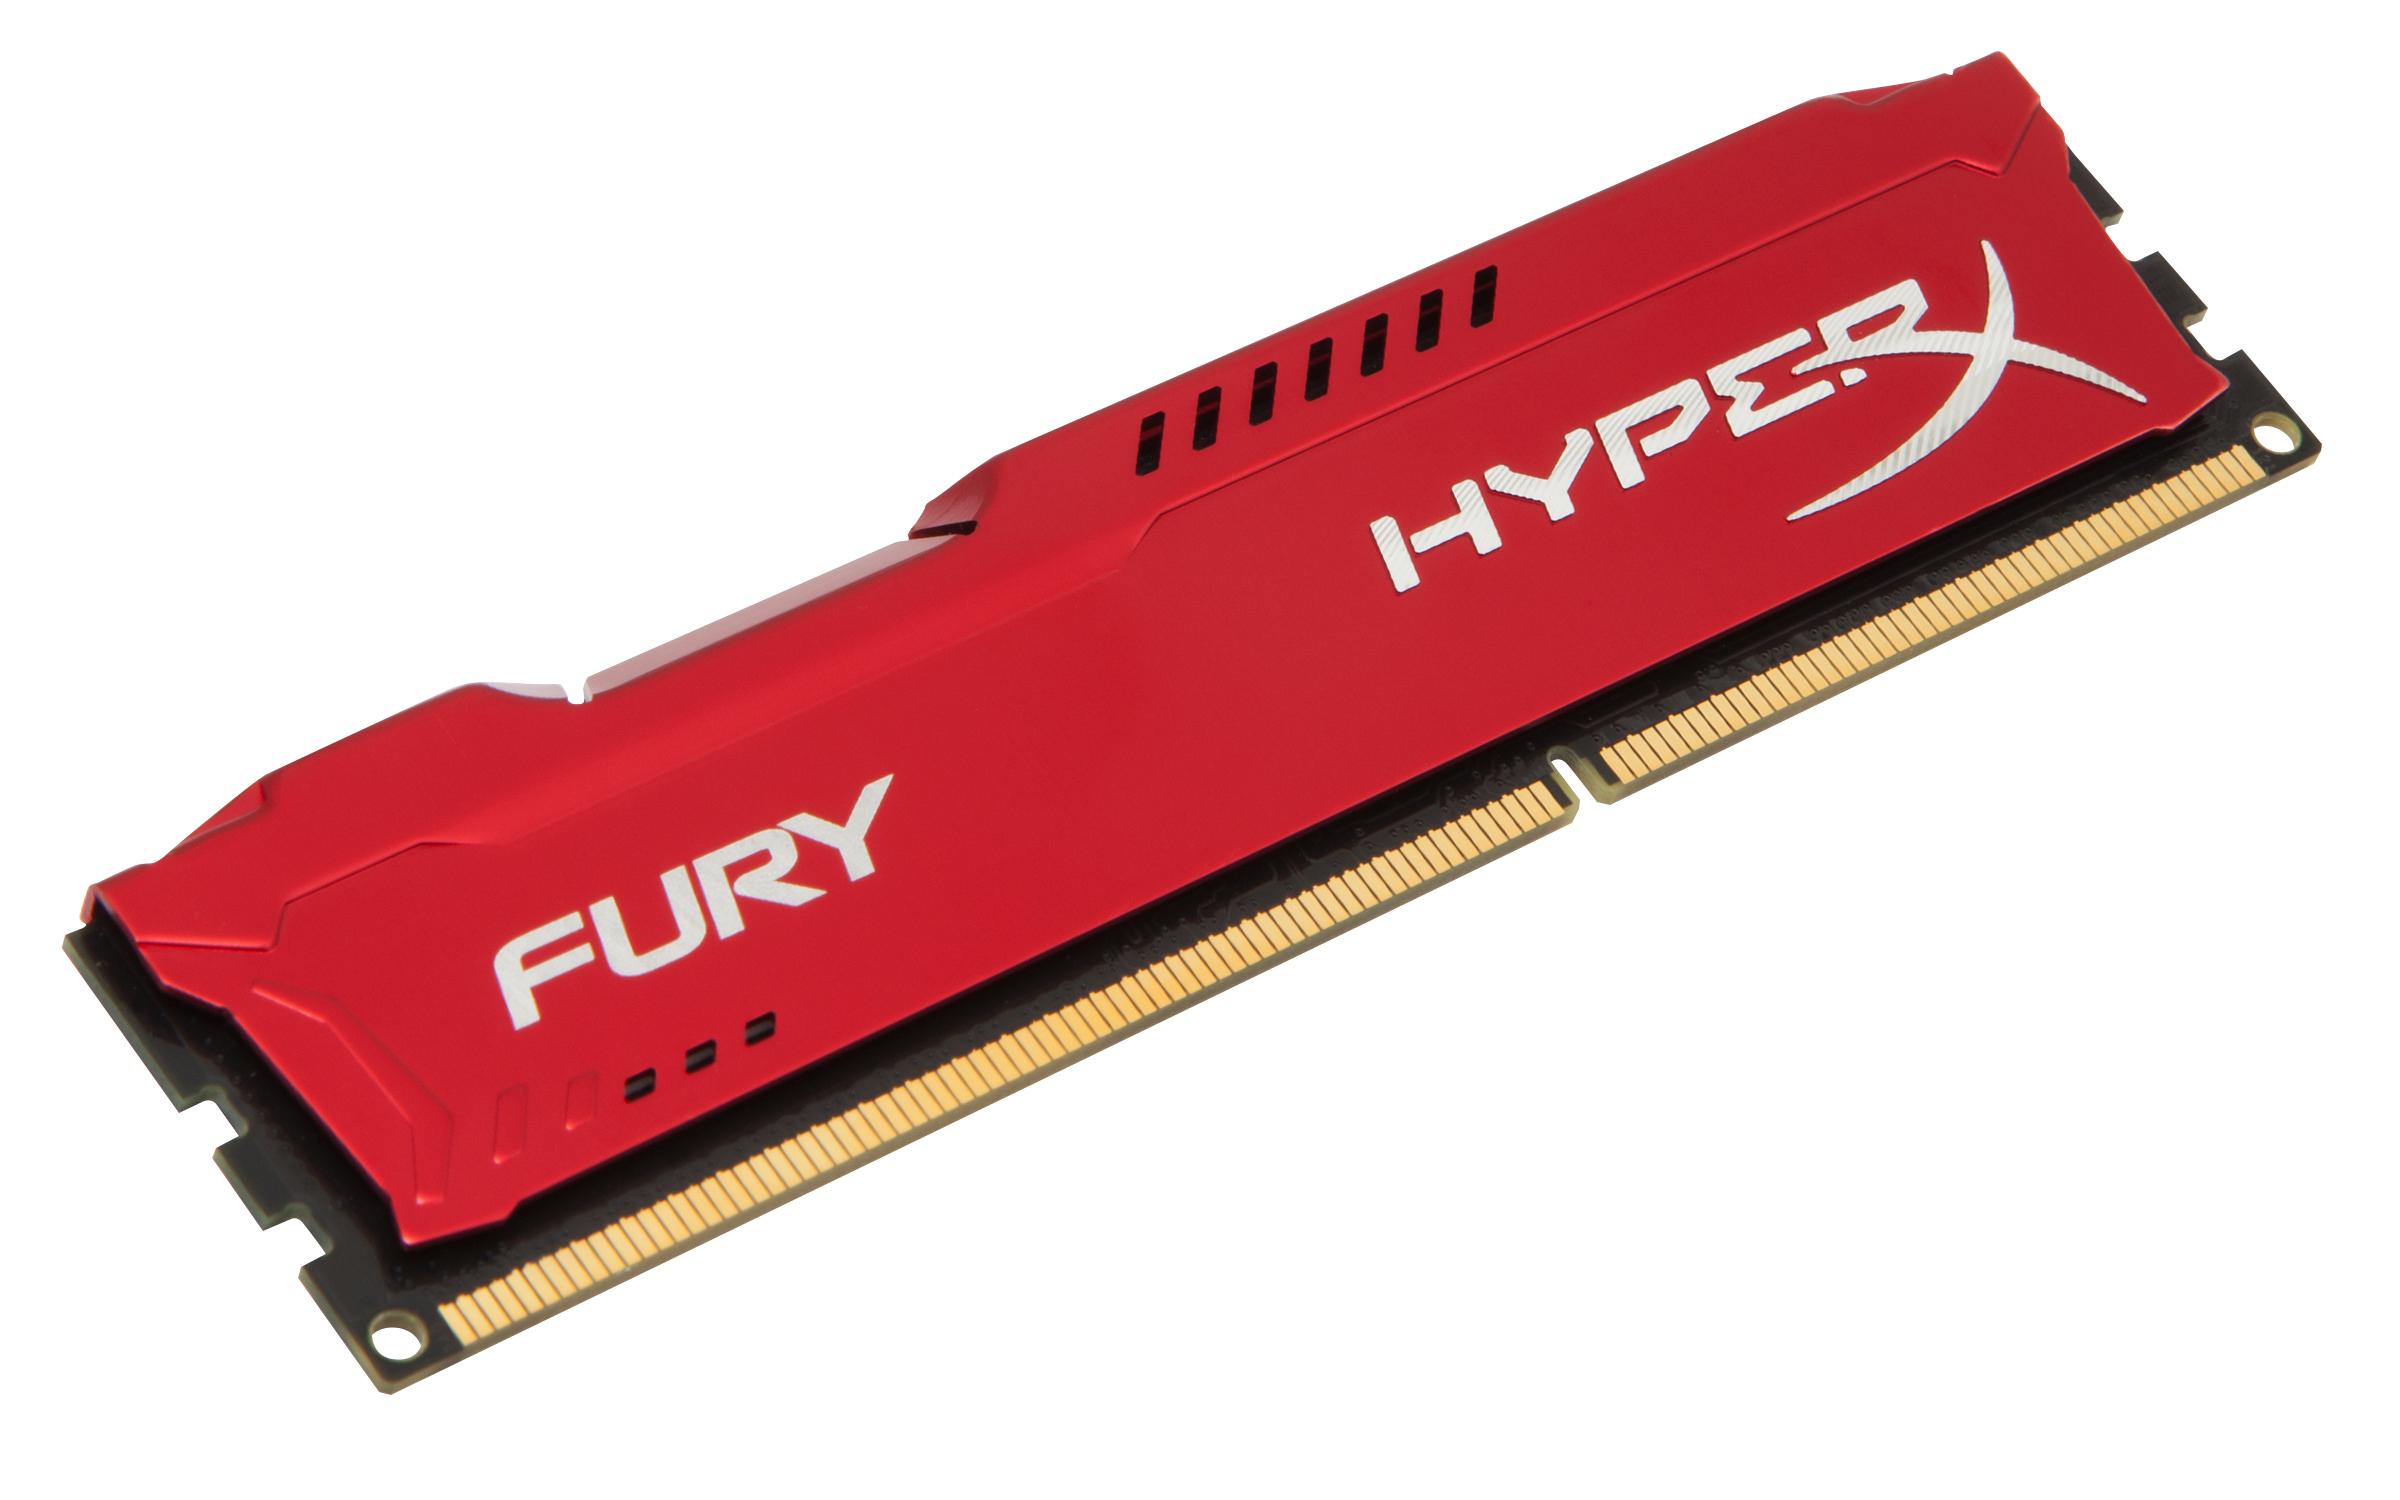 HyperX FURY Red 8GB 1866MHz DDR3 8GB DDR3 1866MHz memory module